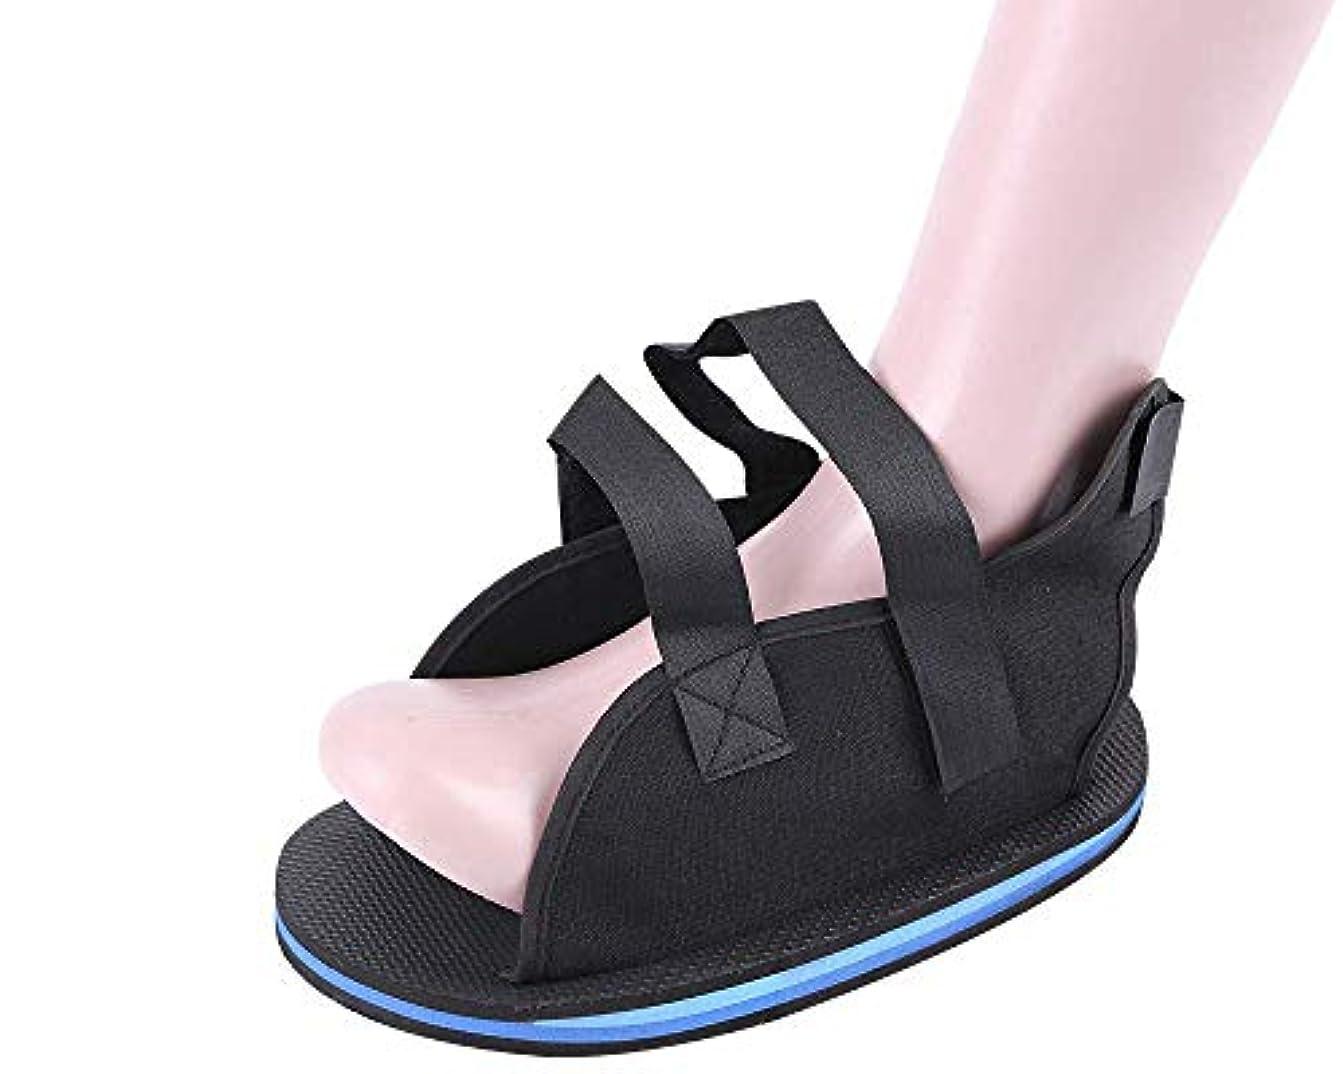 お酒前述の偽物骨折したつま先/足の骨折の術後靴 - 傷害後のフットキャスト回復のための整形外科用装具と軽量の医療用ウォーキングブーツ,XS